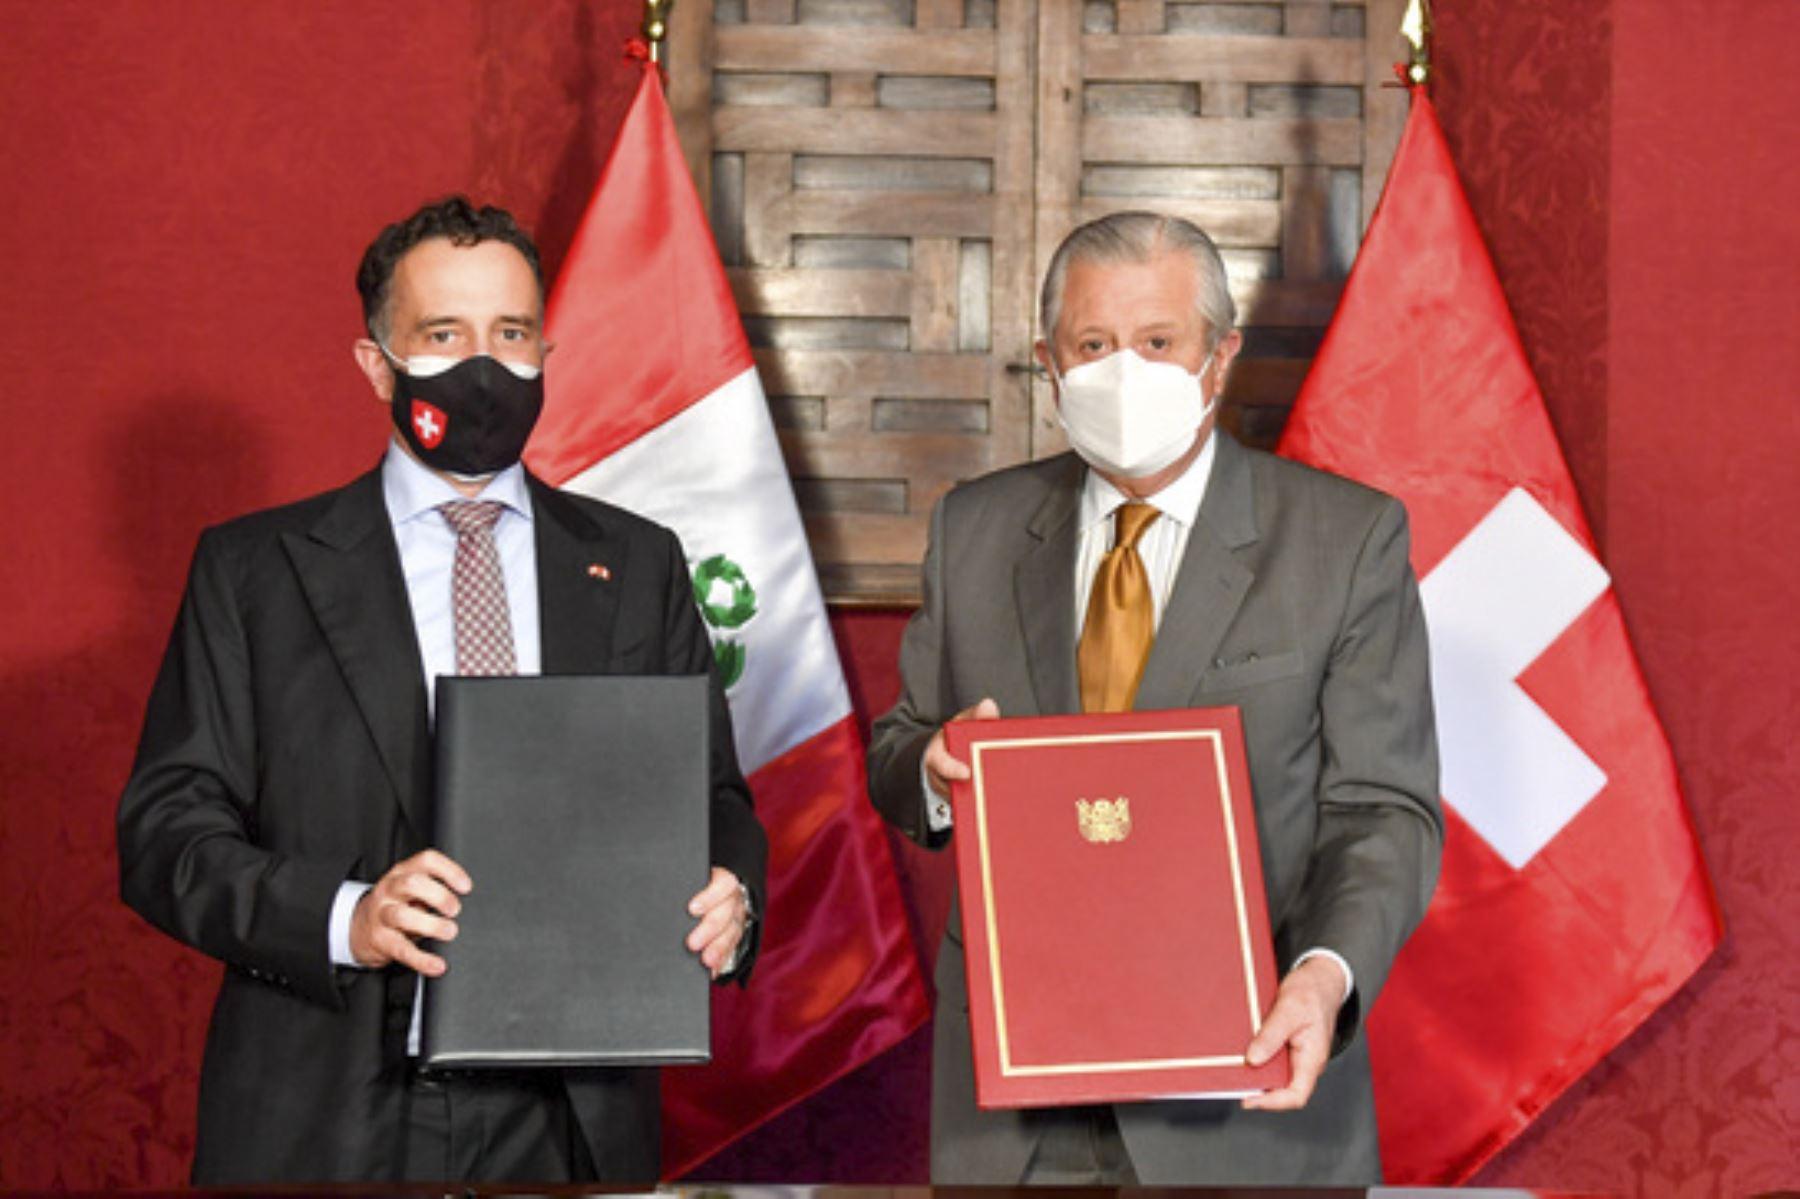 Perú y Suiza acuerdan ampliar sus relaciones aerocomerciales